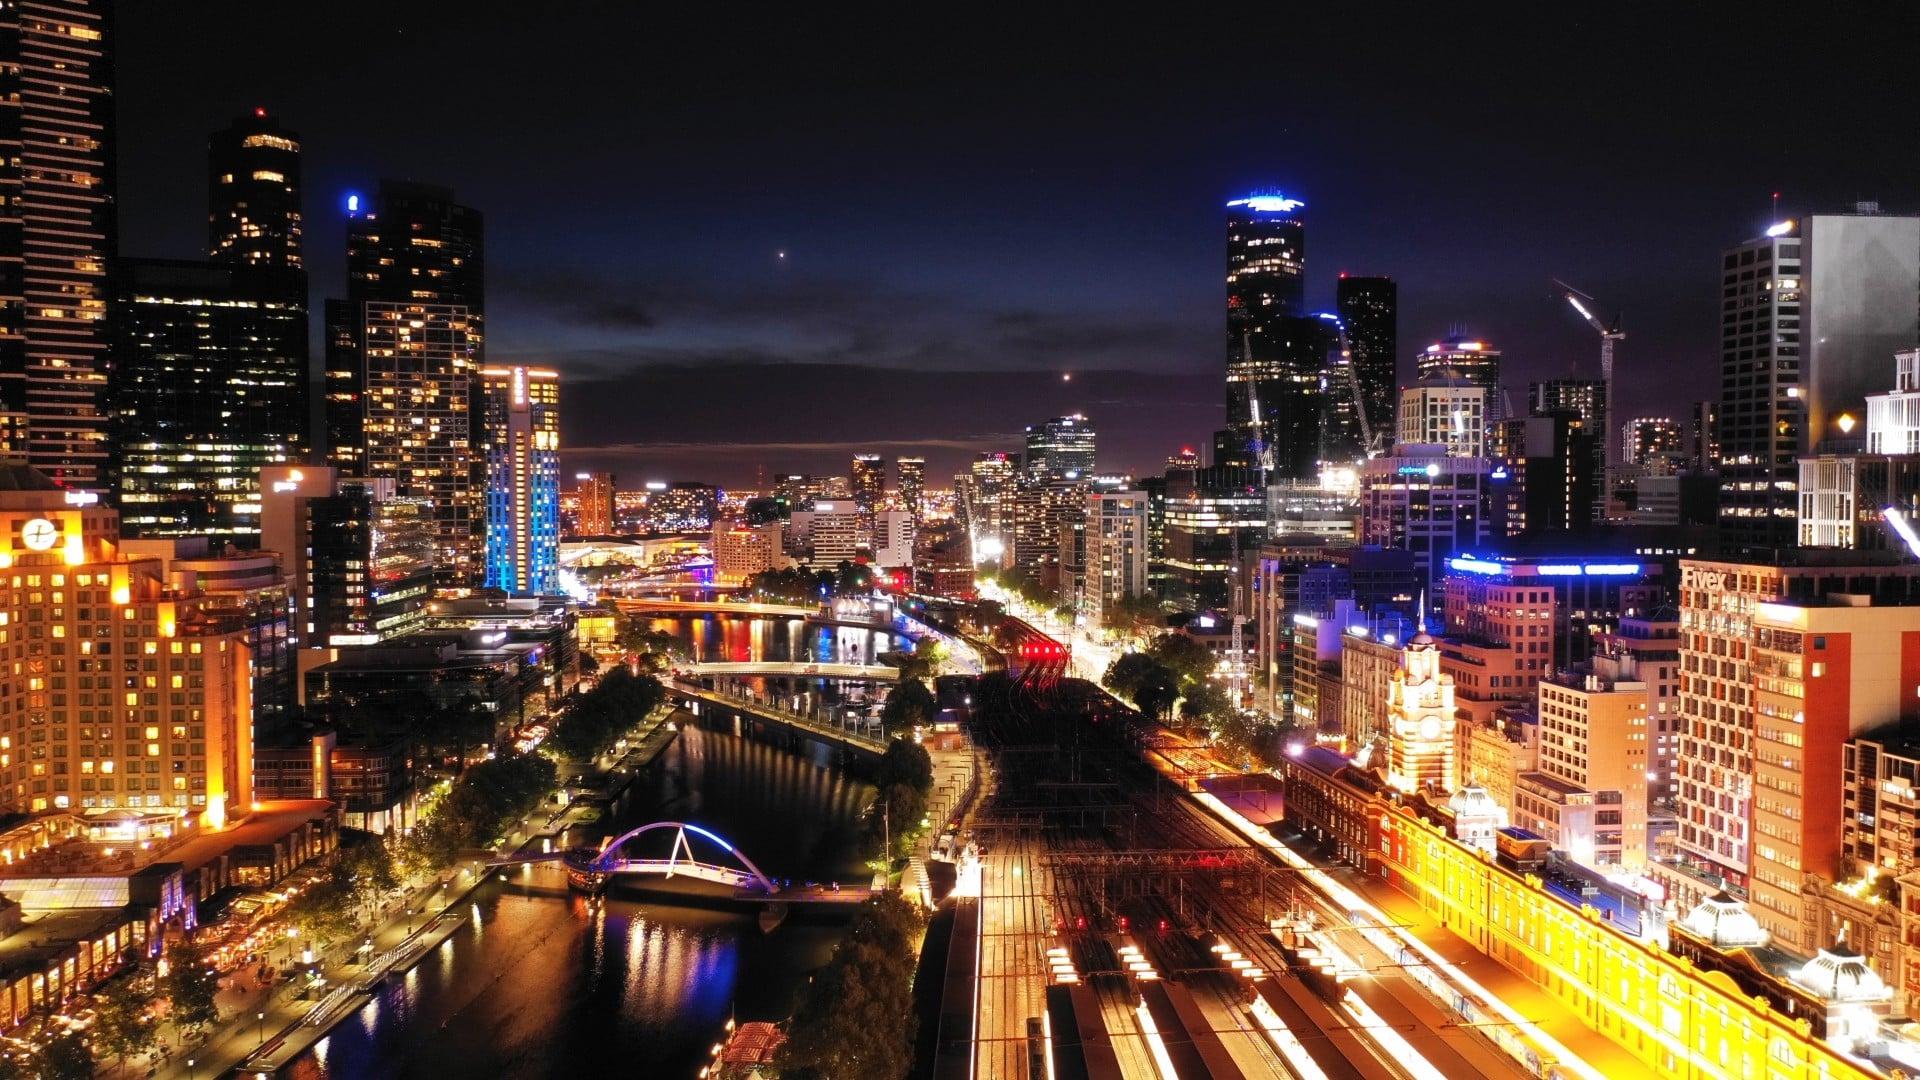 завоевание ночной мельбурн в картинках место